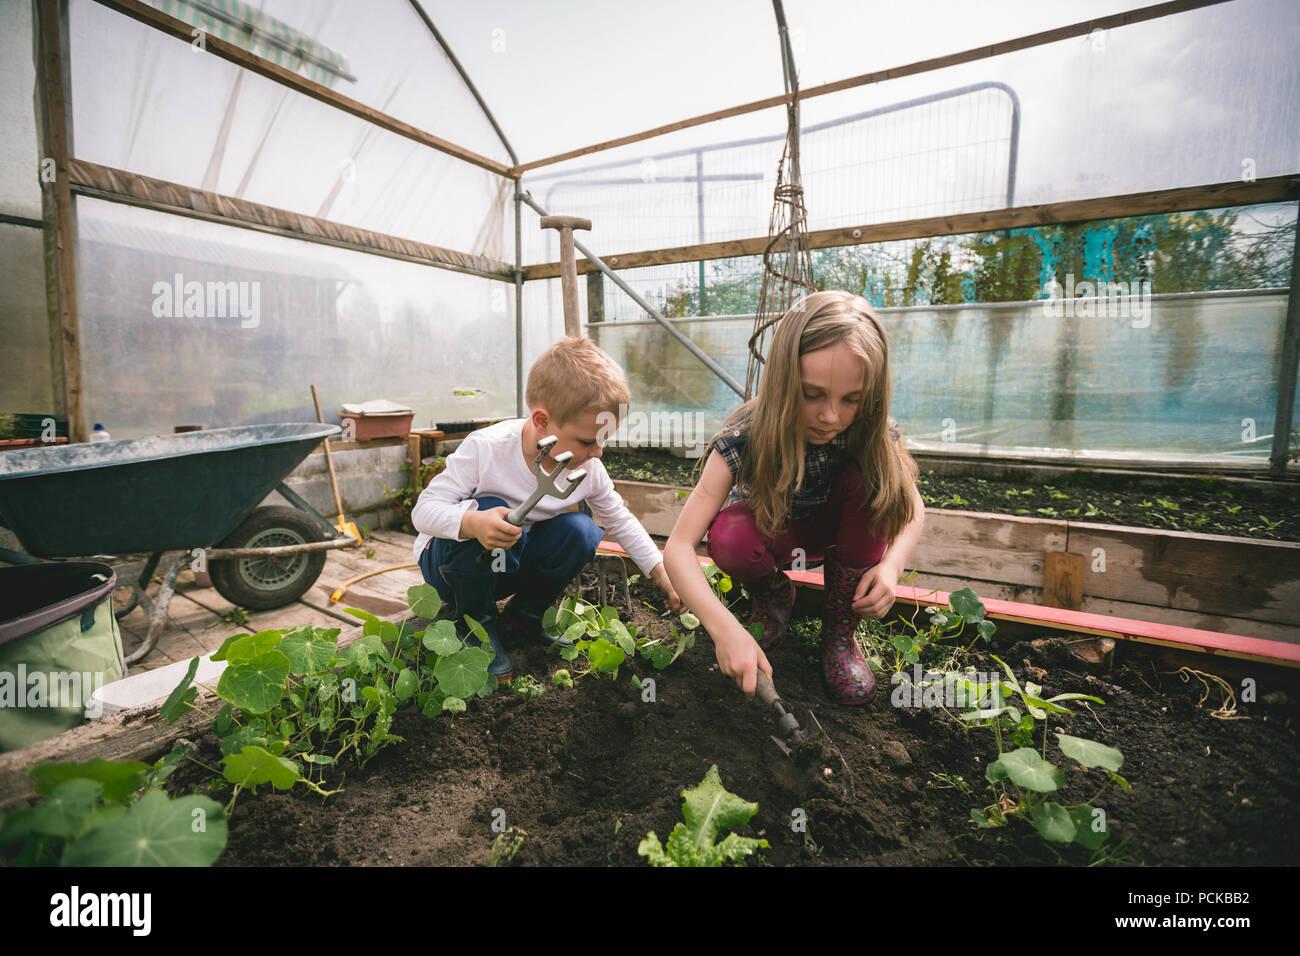 Los niños spade cavando en invernadero Imagen De Stock